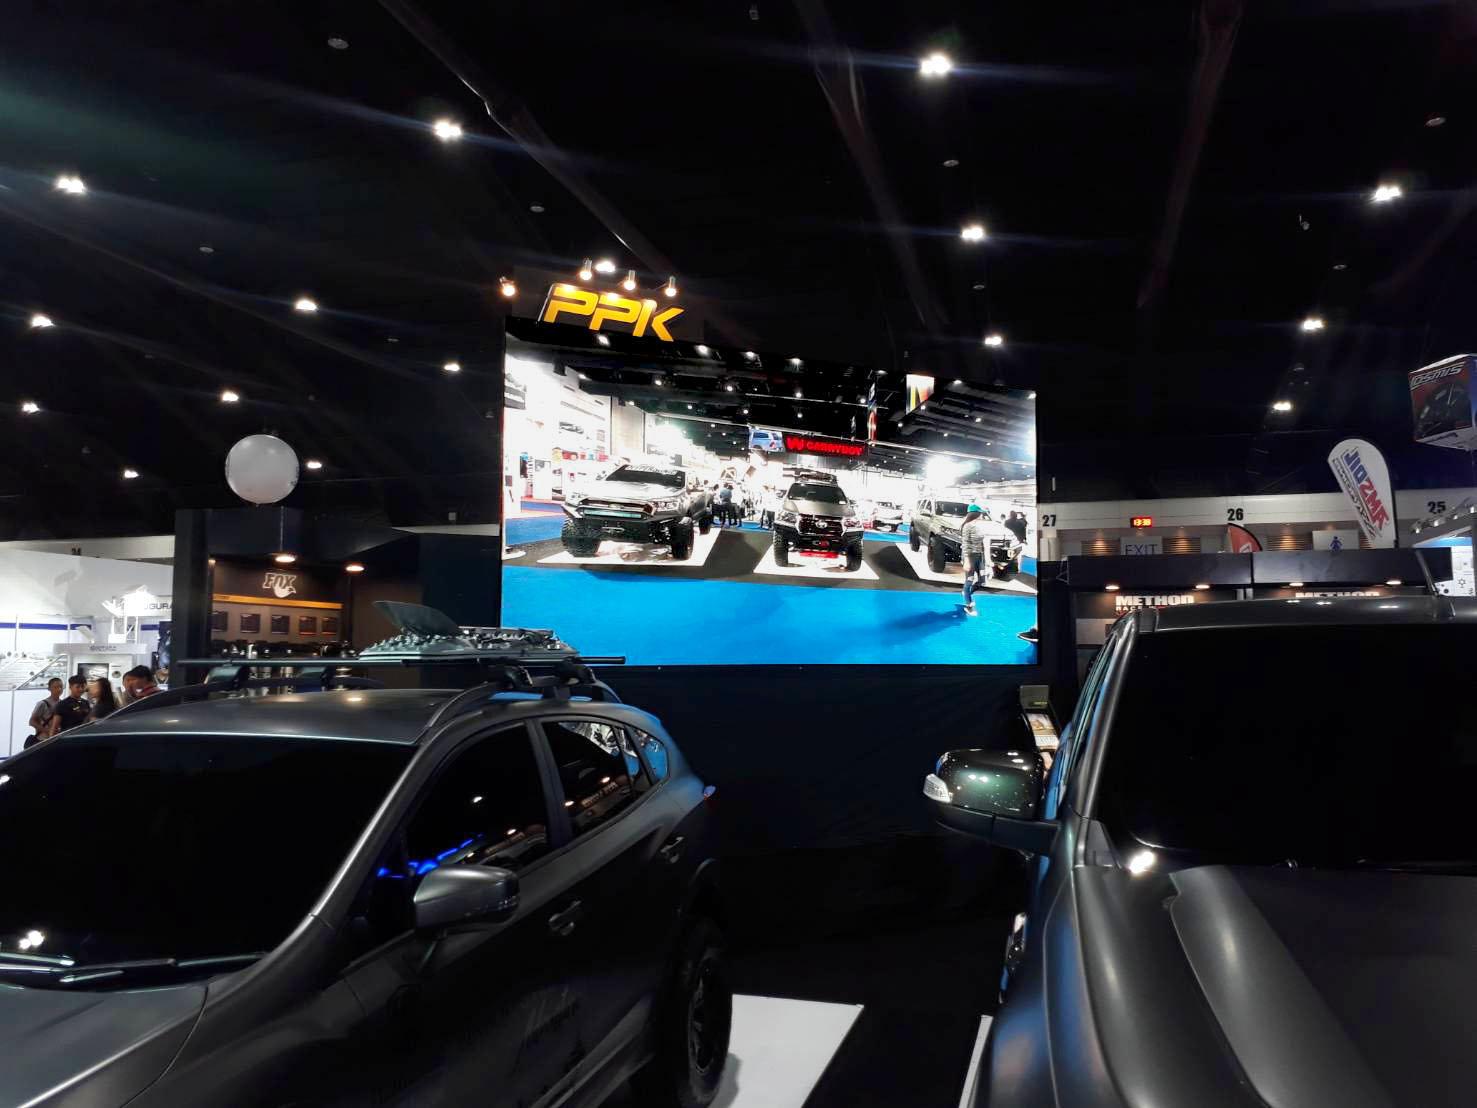 งานเช่าจอ LED - Auto Salon2018 (Challenger2 เมืองทองธานี)